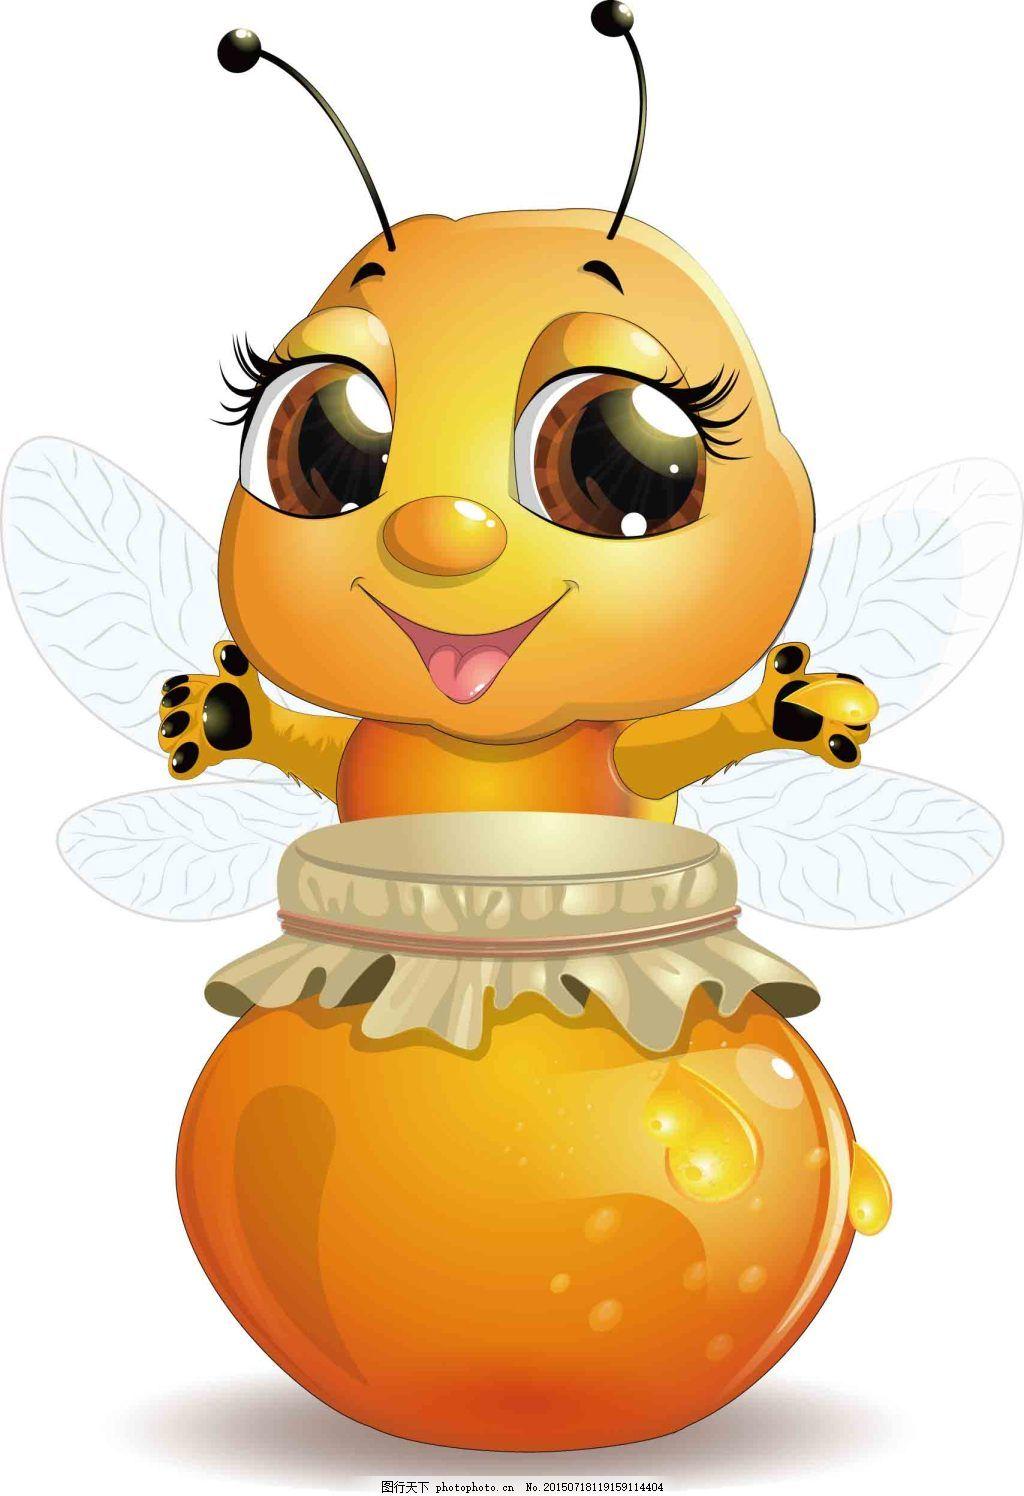 蜜蜂设计图 矢量图 彩色 白色